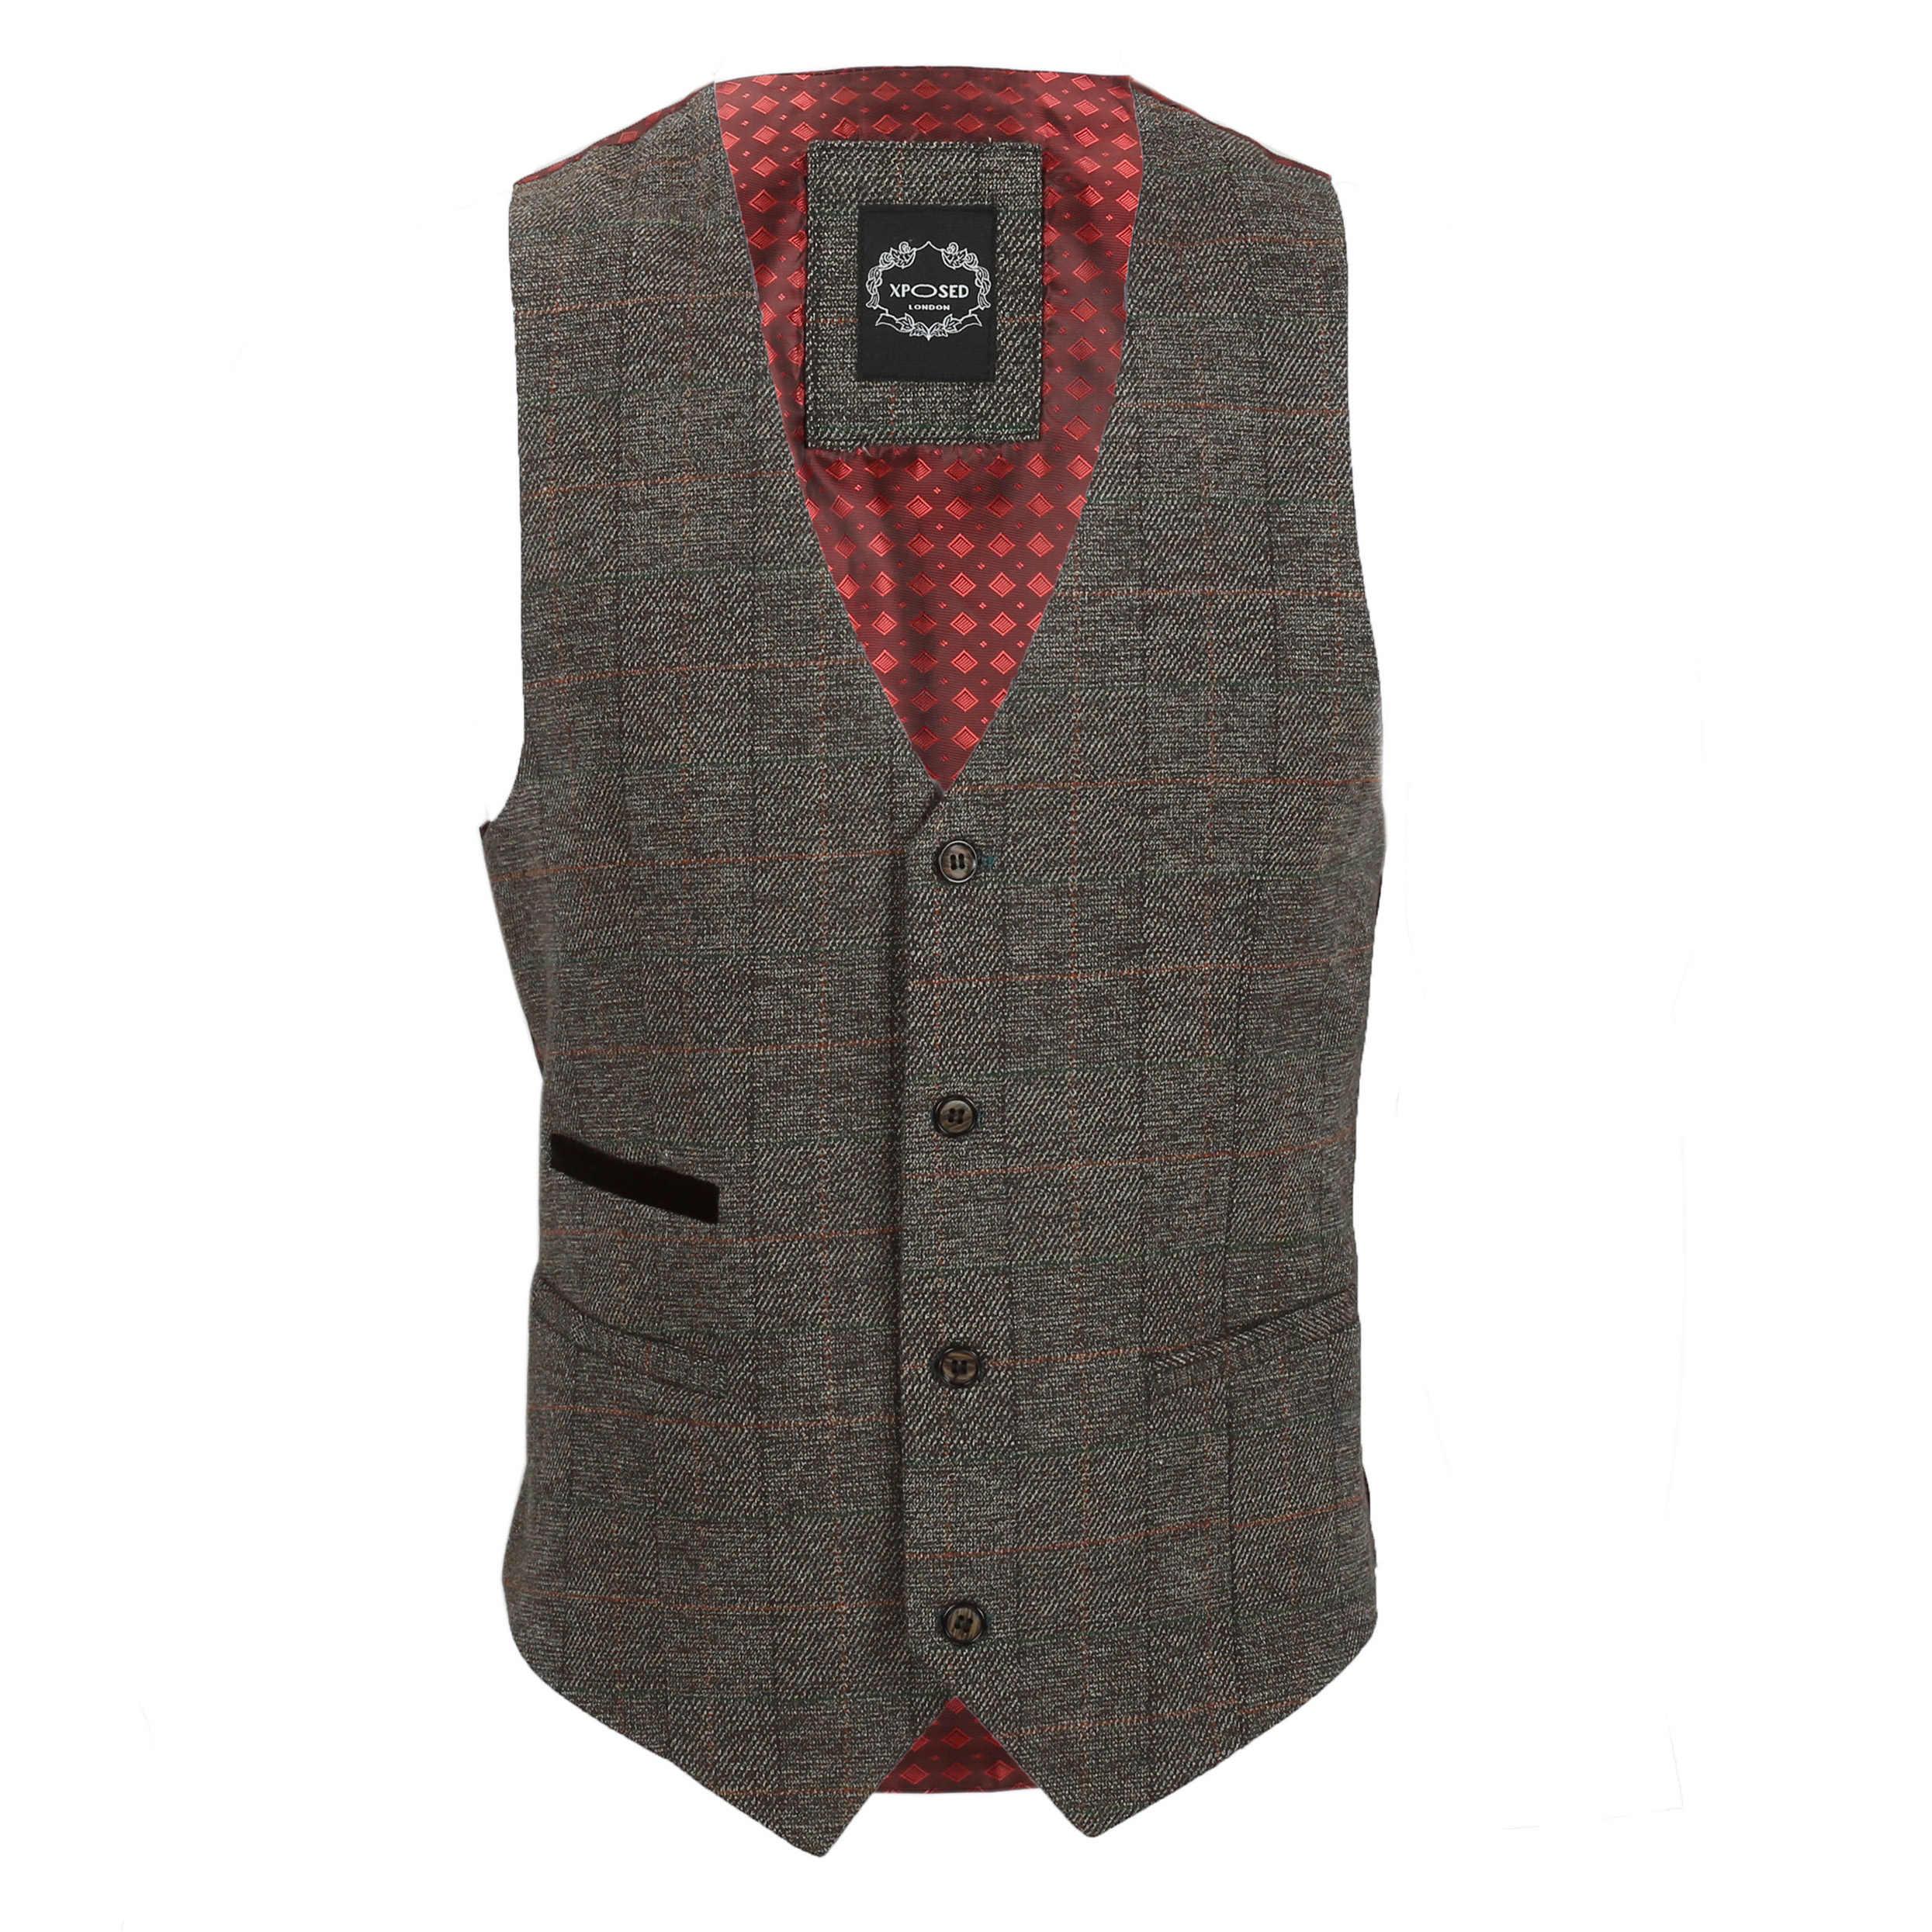 Nuevo-Chaleco-De-Hombre-Retro-Vintage-Marron-Tweed-Espiga-Roble-cheque-Smart-Casual miniatura 40